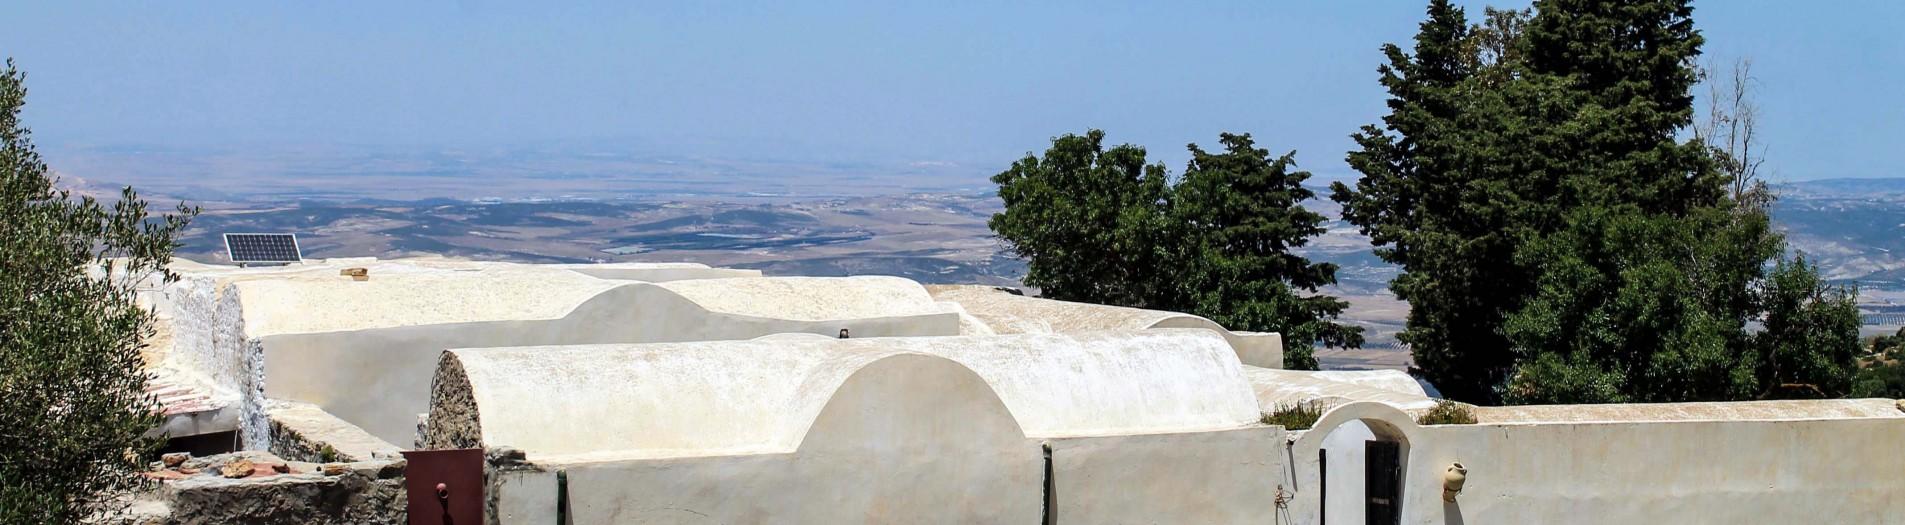 La zaouïa de Sidi Bougabrine